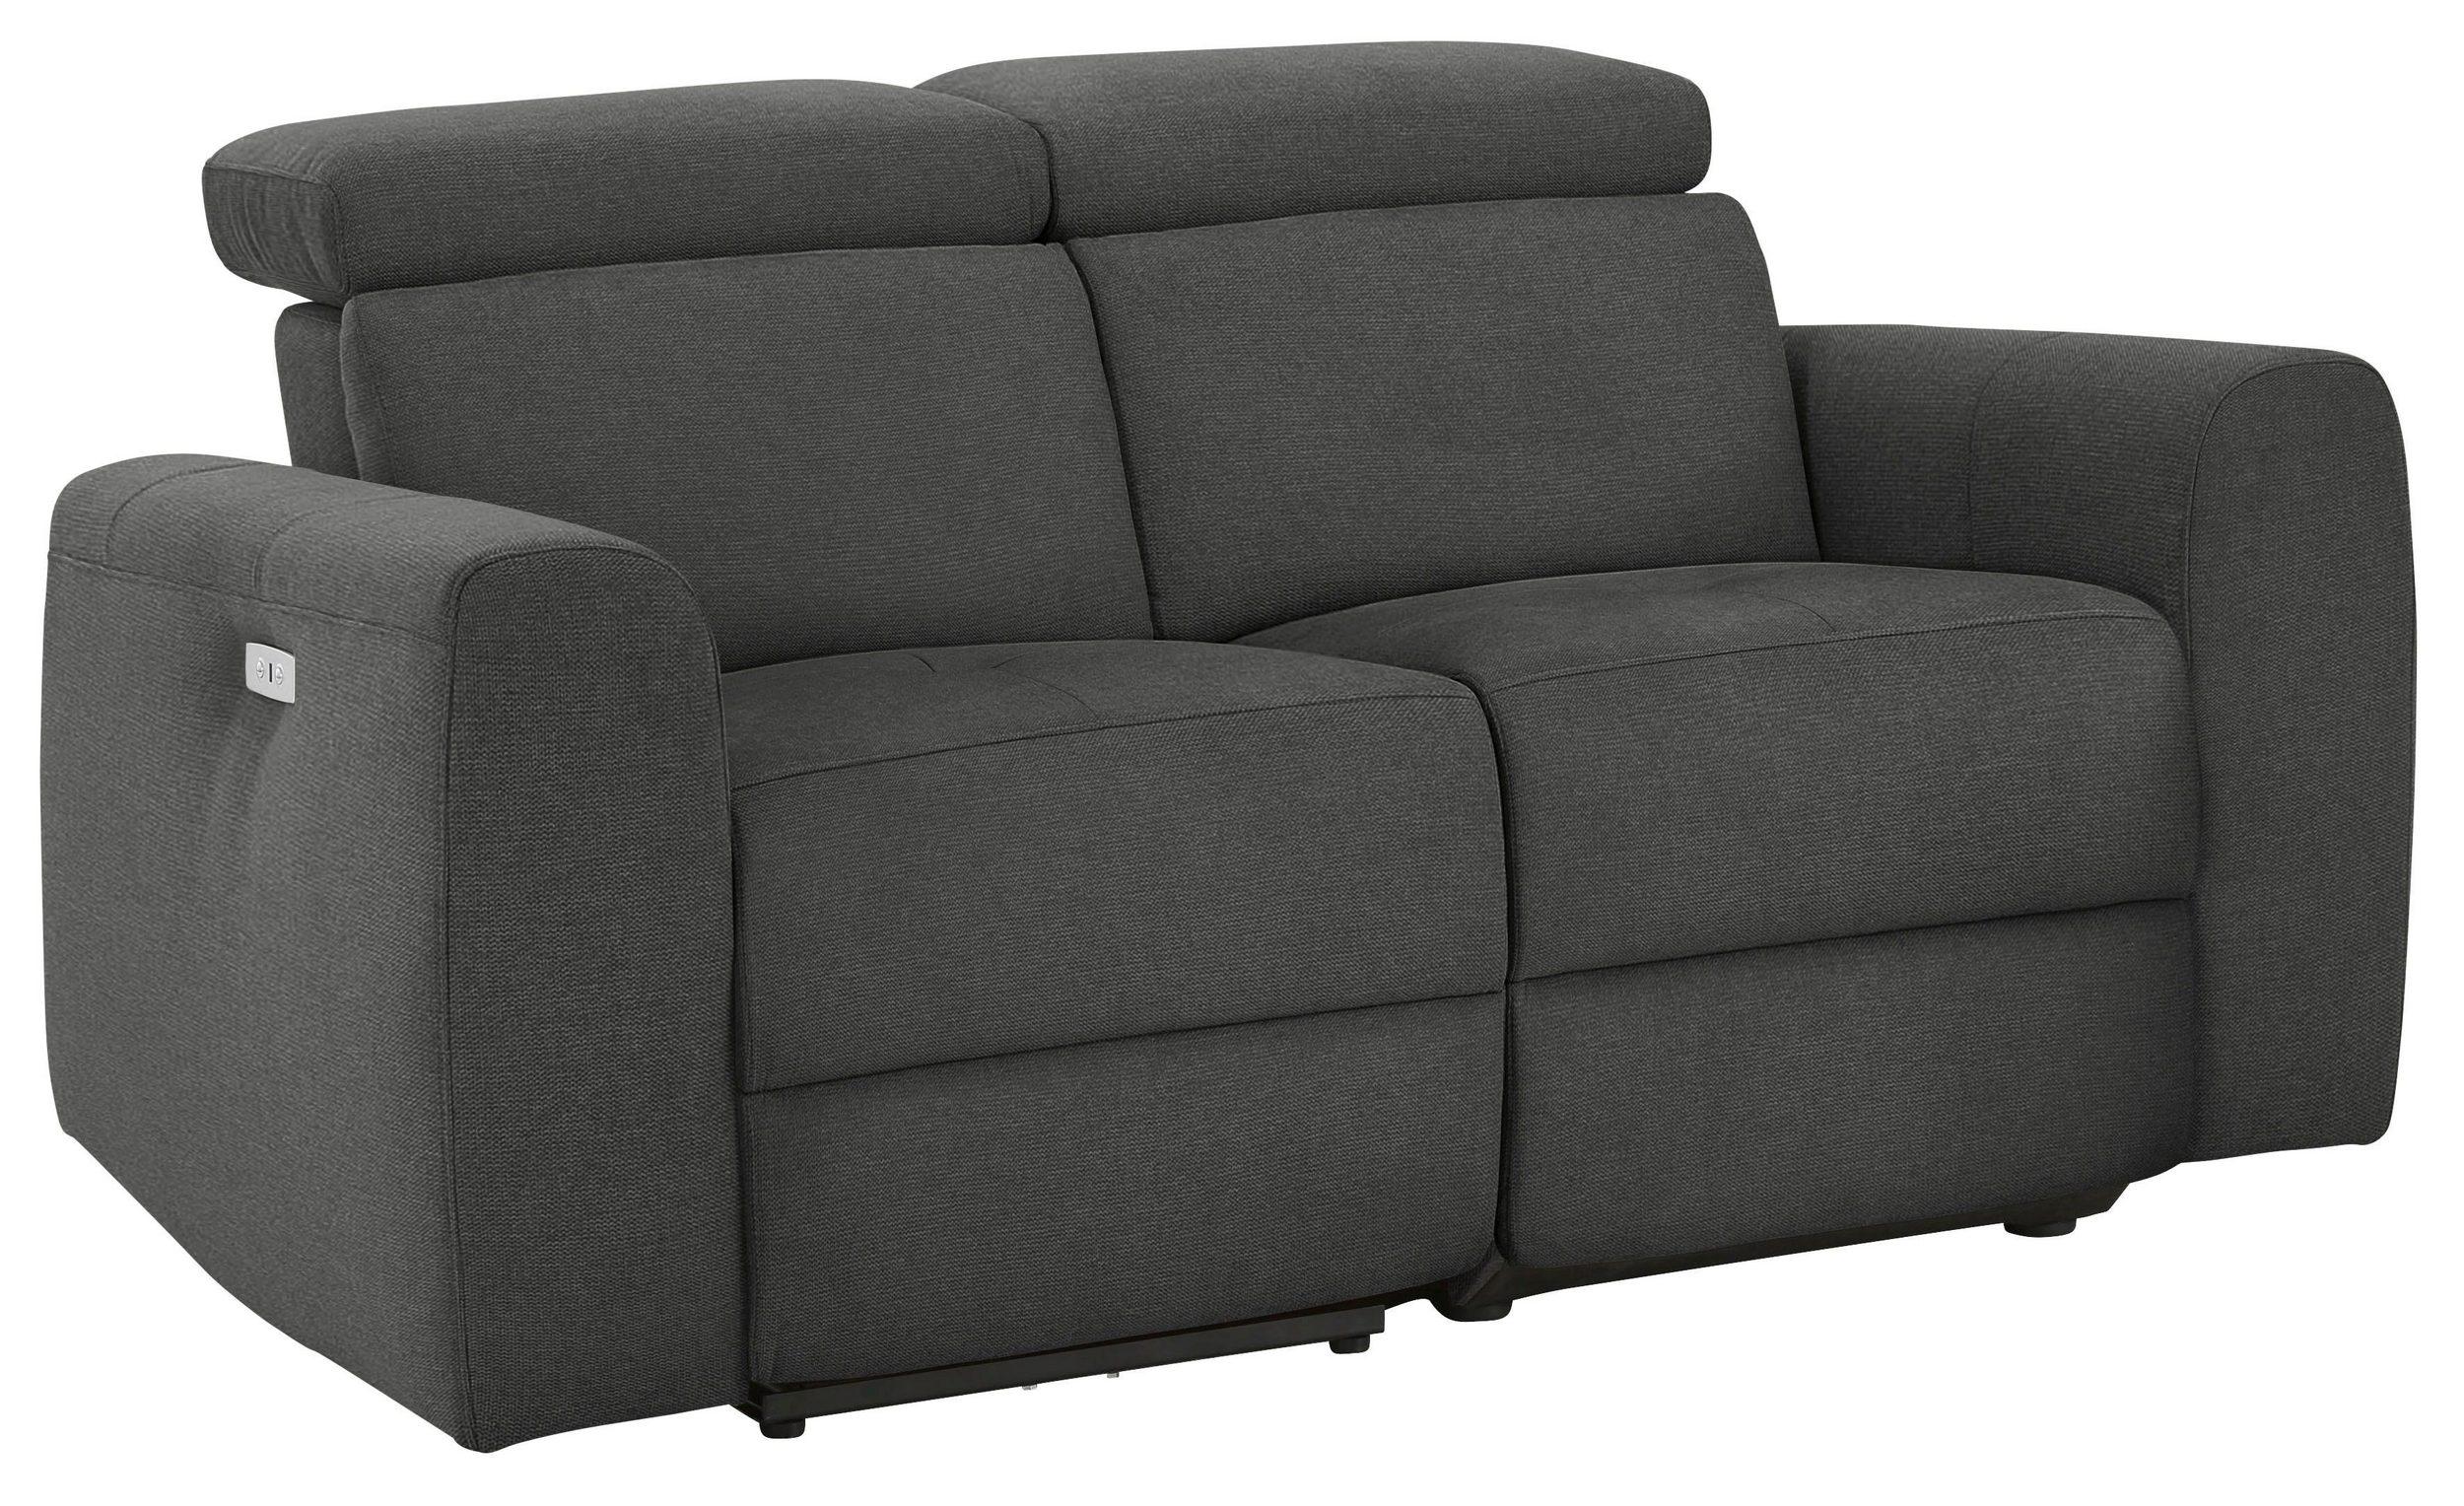 2-Sitzer Sofa Sentrano mit motorischer Relaxfunktion und USB-Anschluss